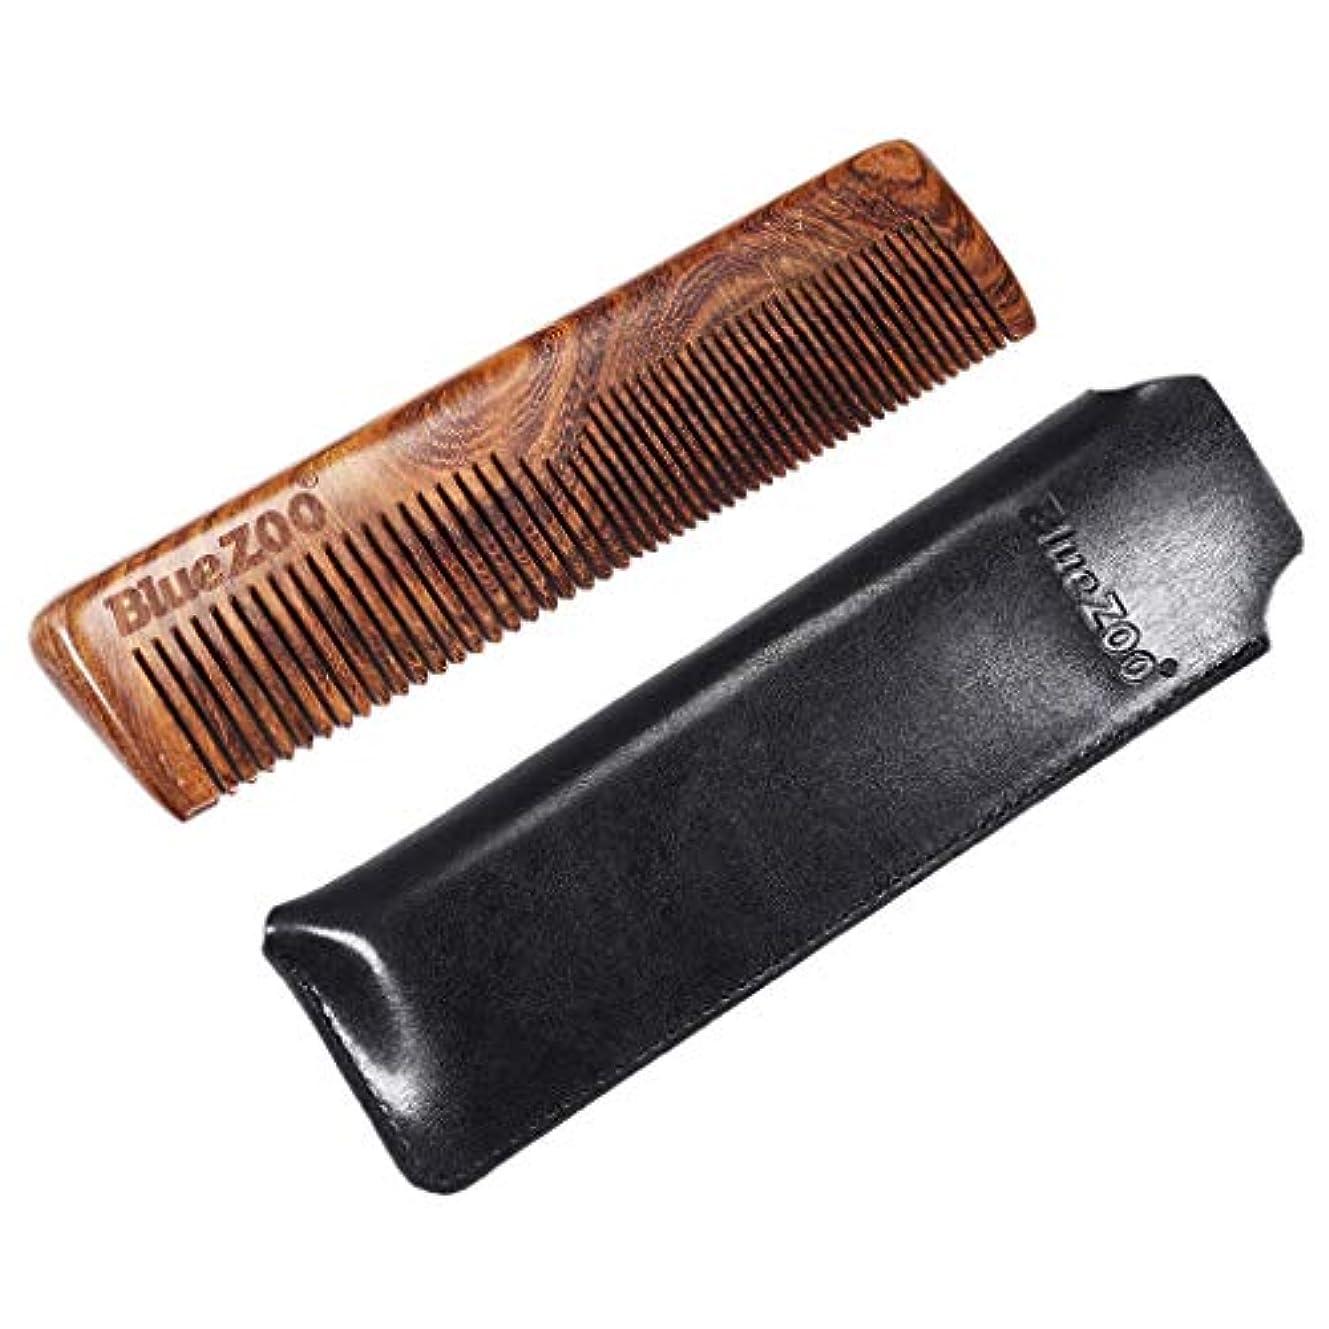 機械的破裂肌寒いウッドコーム 静電気防止櫛 ひげ櫛 ヘアブラシ 収納バッグ 2色選べ - ブラック